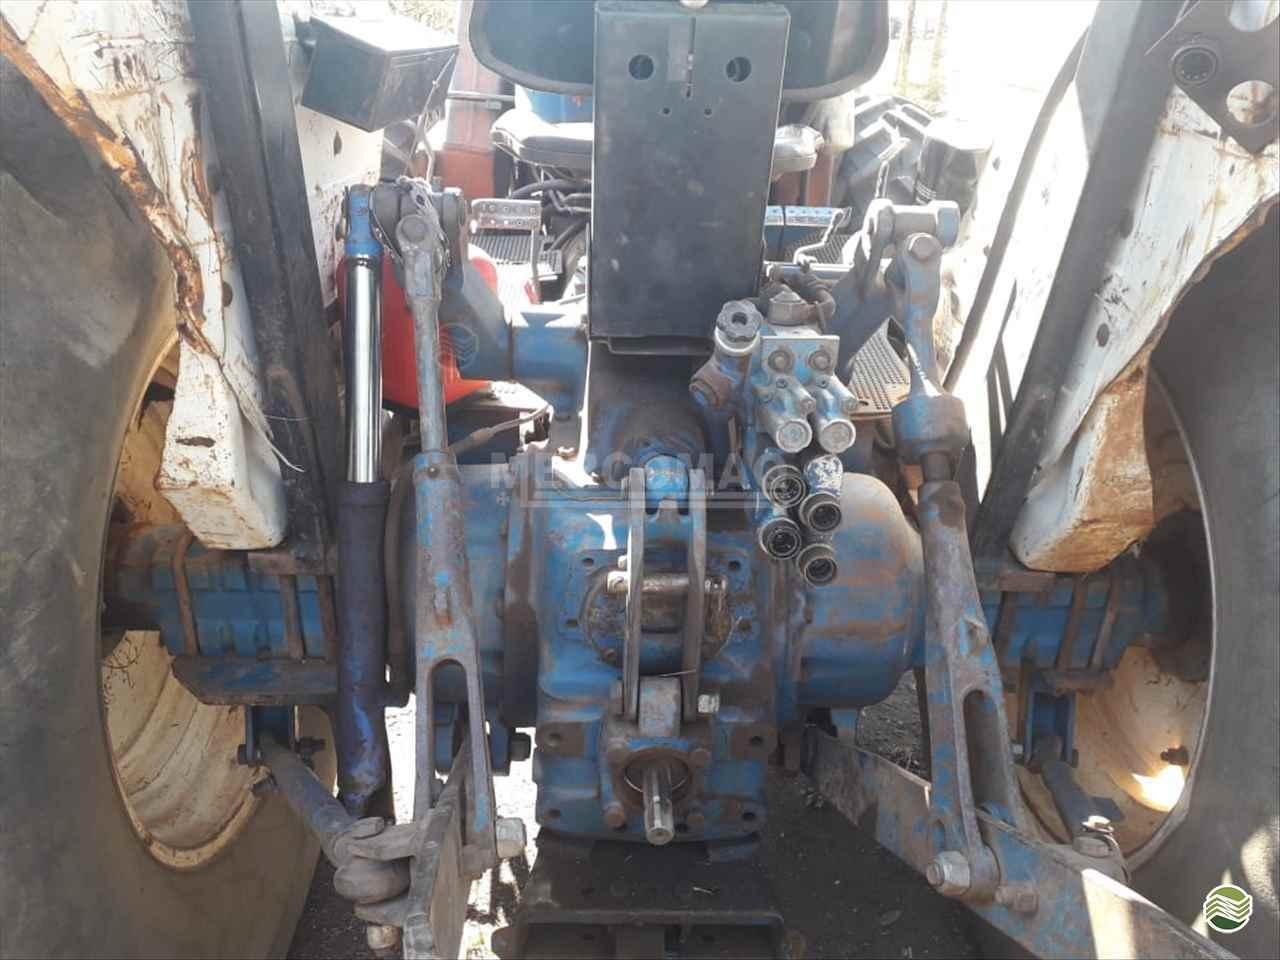 FORD FORD 8030  2001/2001 Mercomaq - JAN - GTS